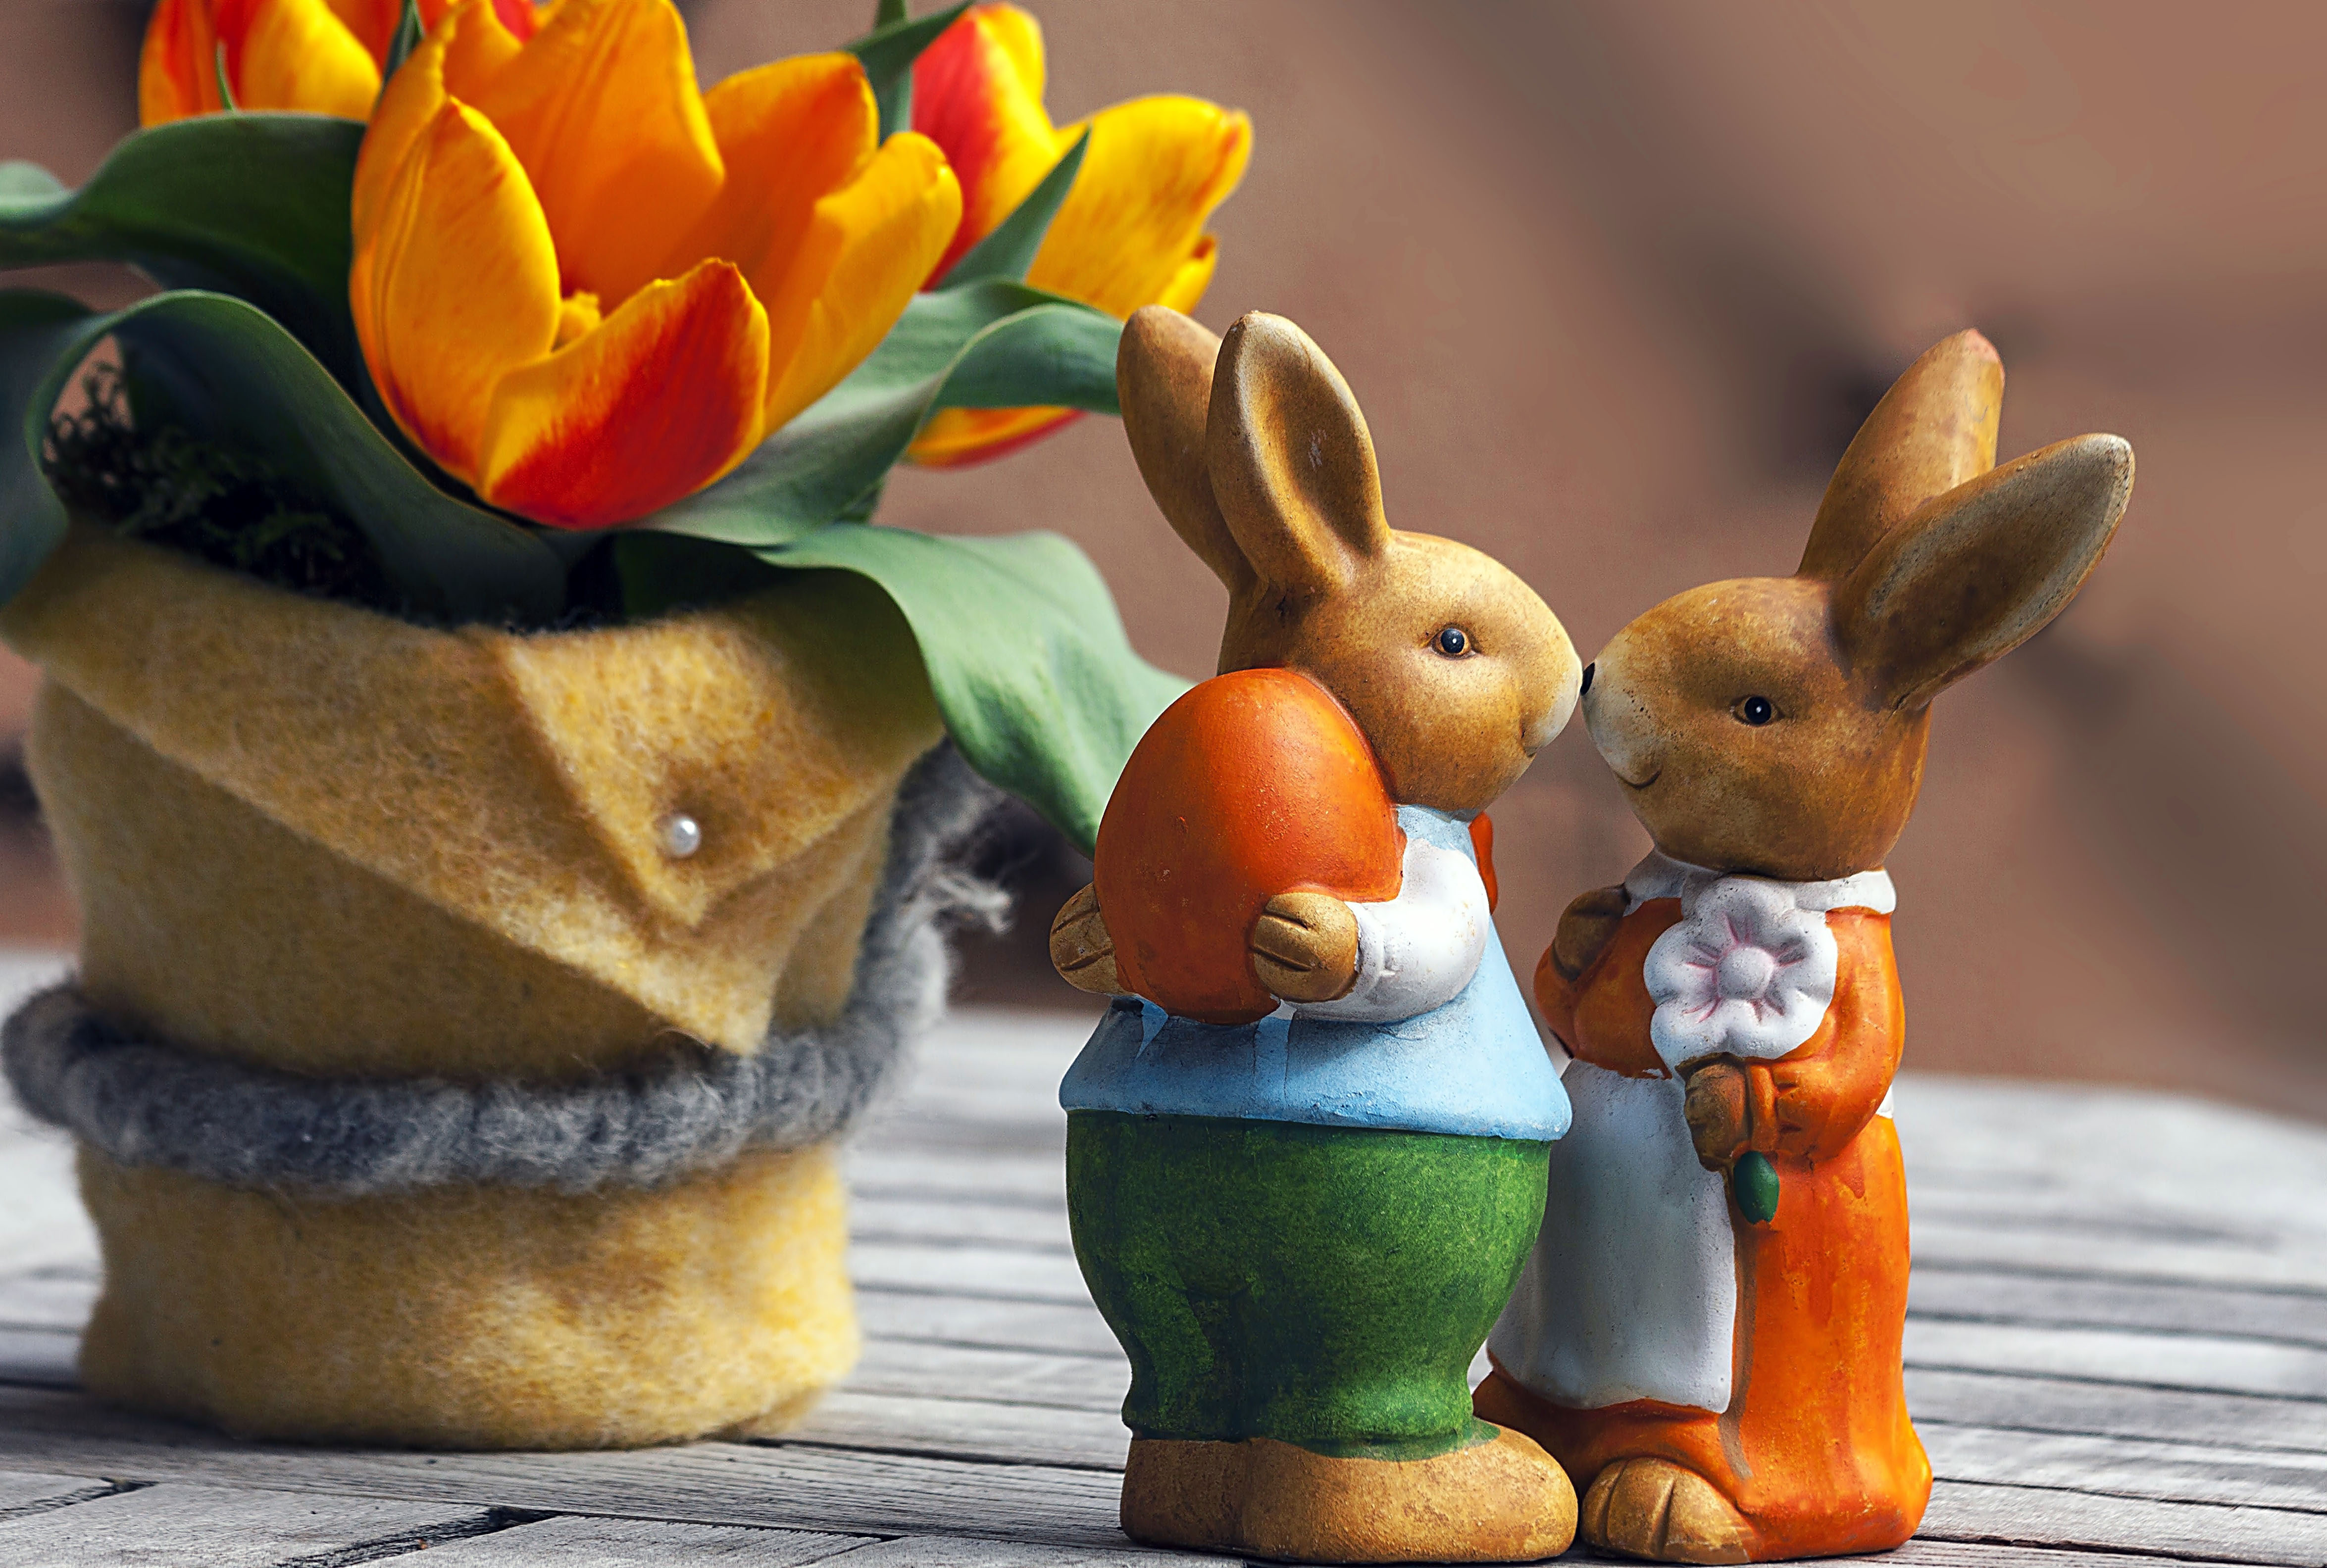 HDoboi.Kiev.ua - Фигурки пасхальных кроликов, картинки к пасхе нарисованные